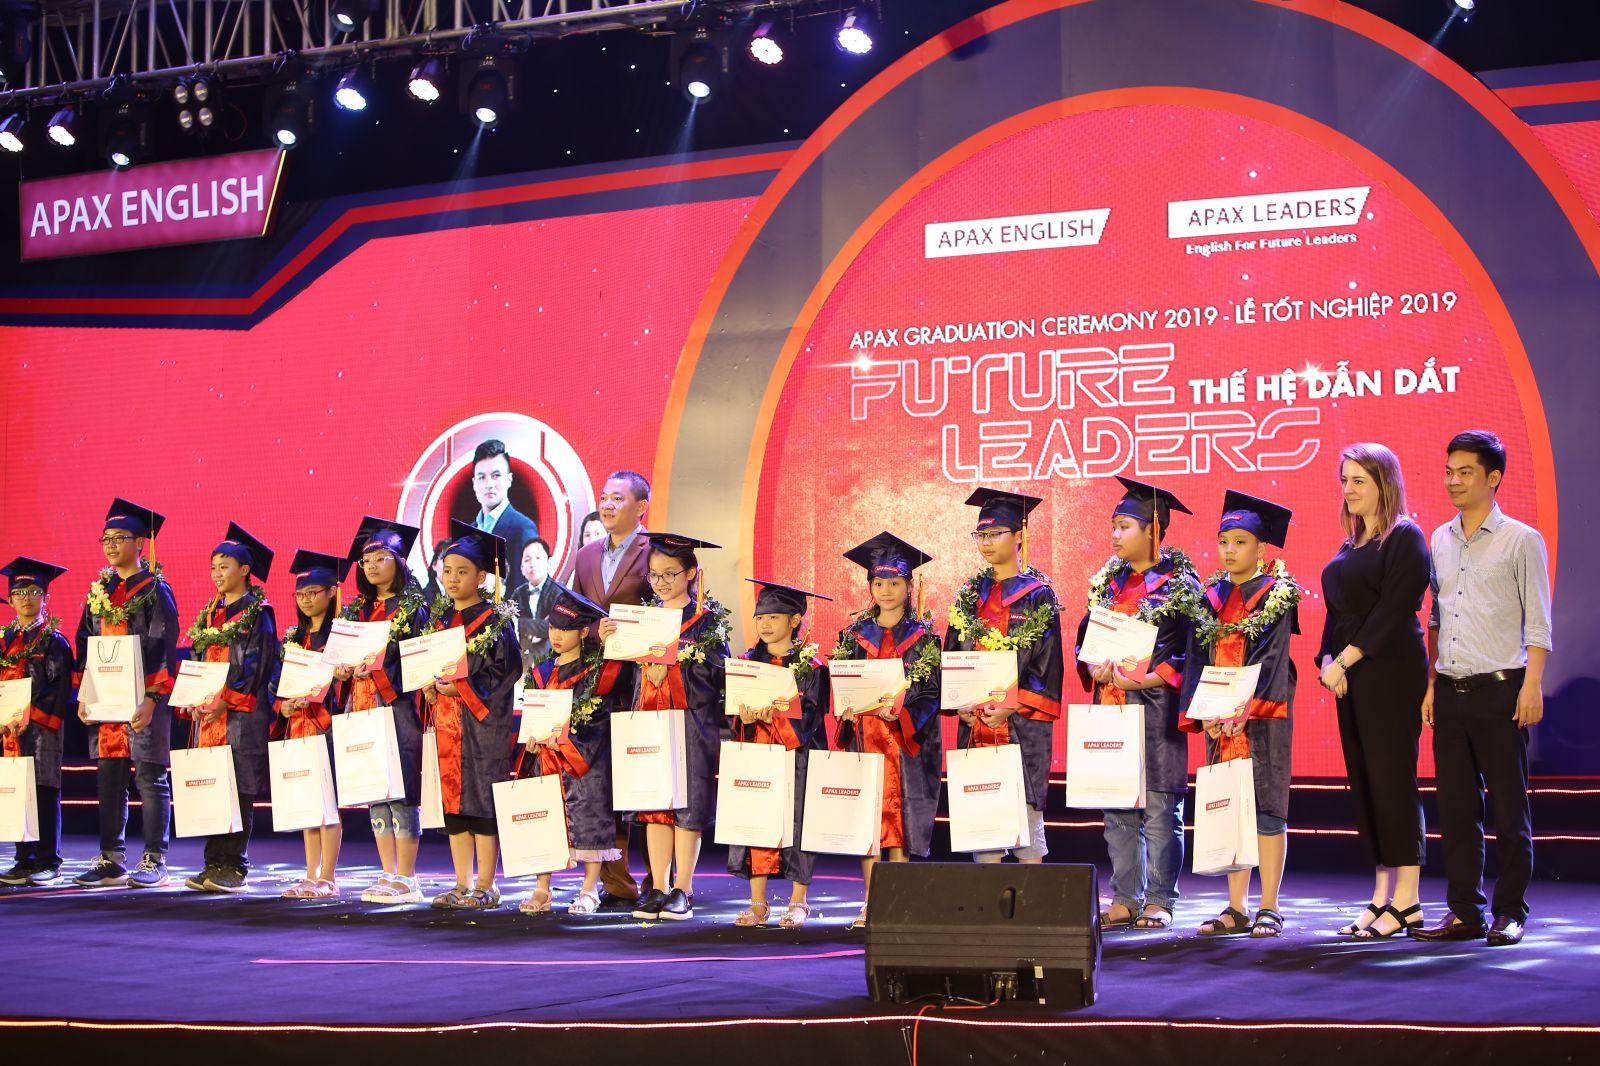 Học sinh Apax English trải qua Lễ tốt nghiệp đầy ấn tượng